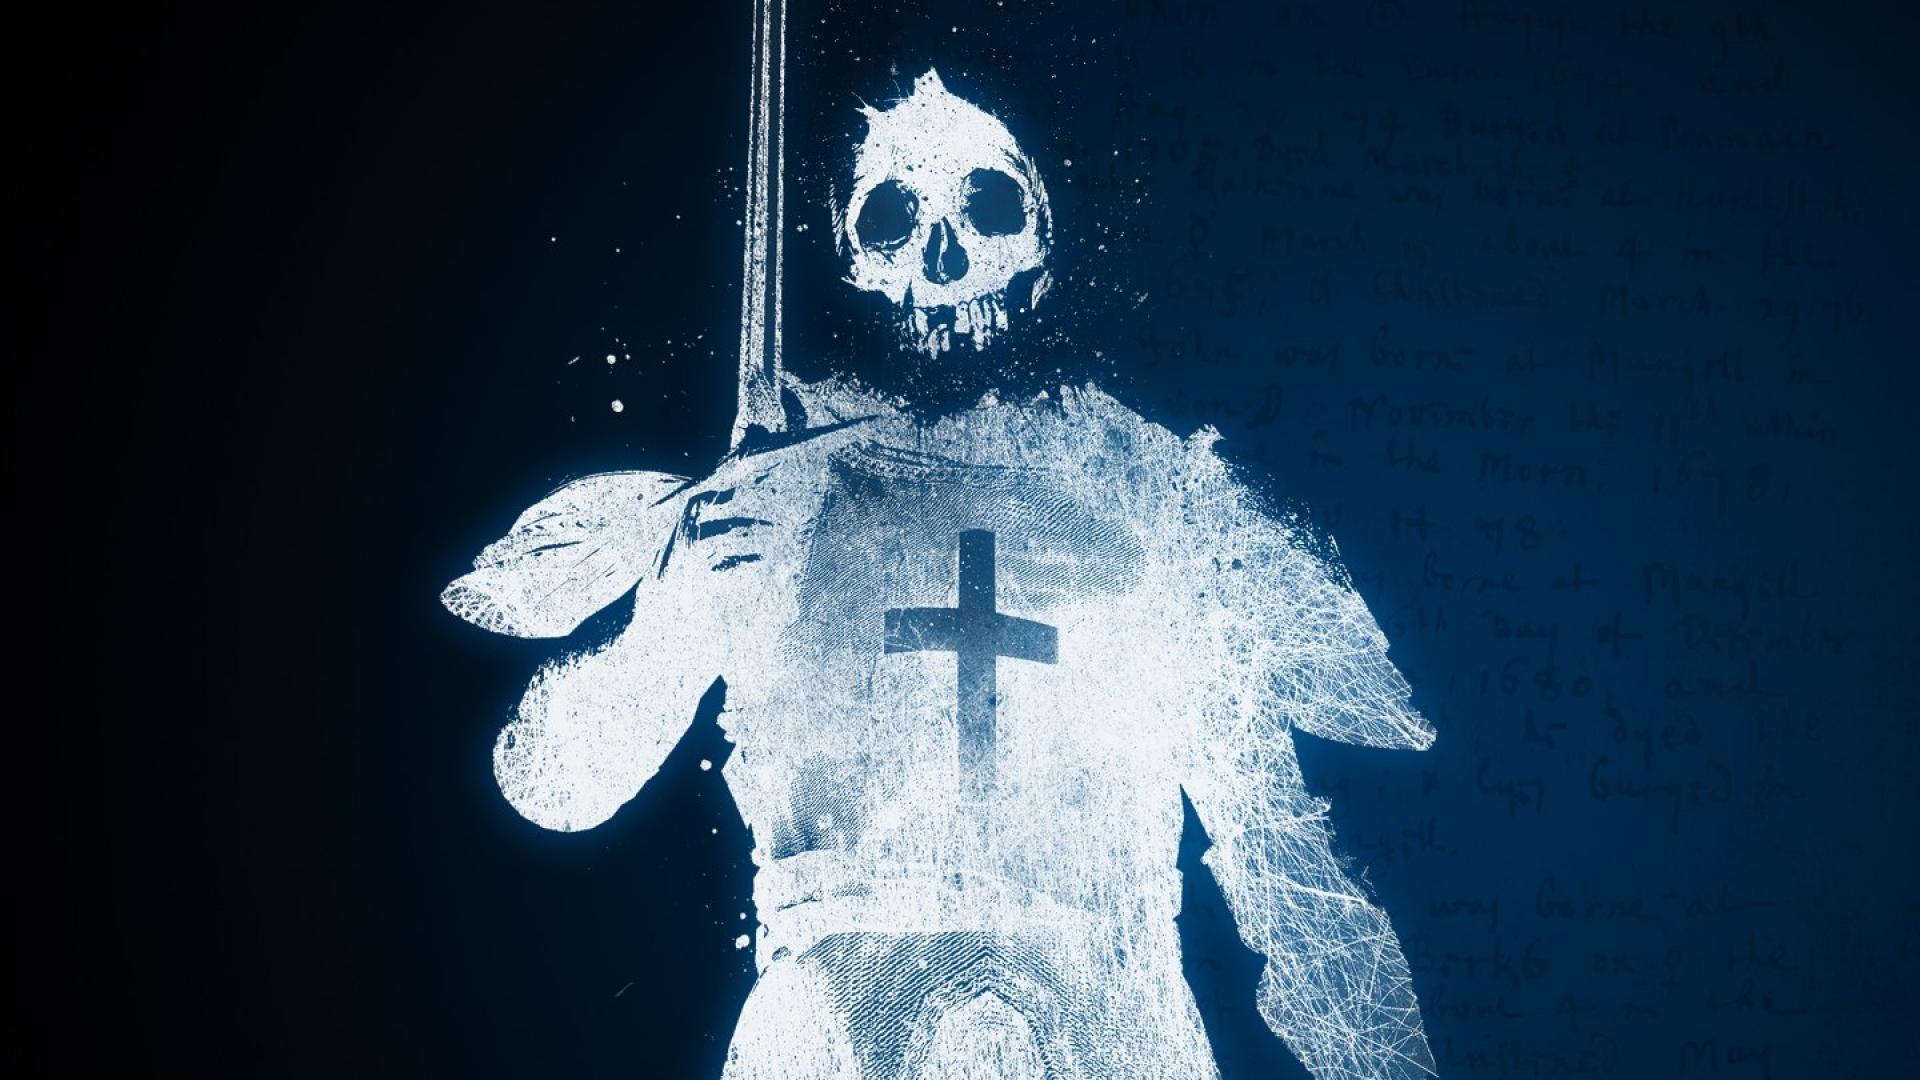 ghost knight crusader skull death hd wallpaper – (#26002) – HQ Desktop .